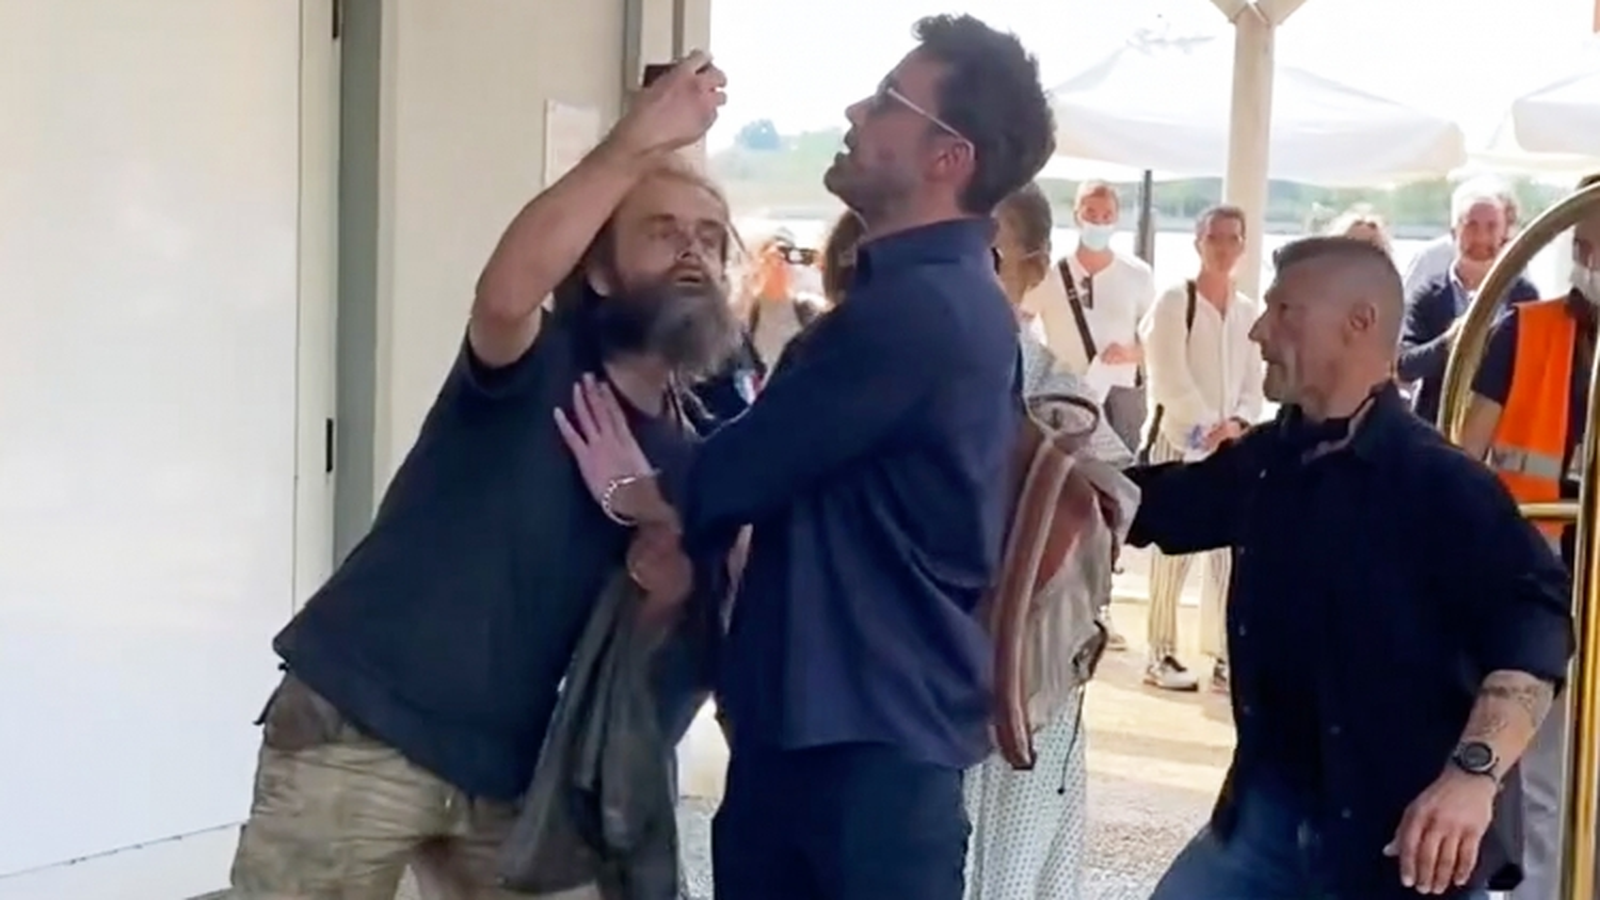 Ben Affleck gặp sự cố bất ngờ với người hâm mộ tại sân bay